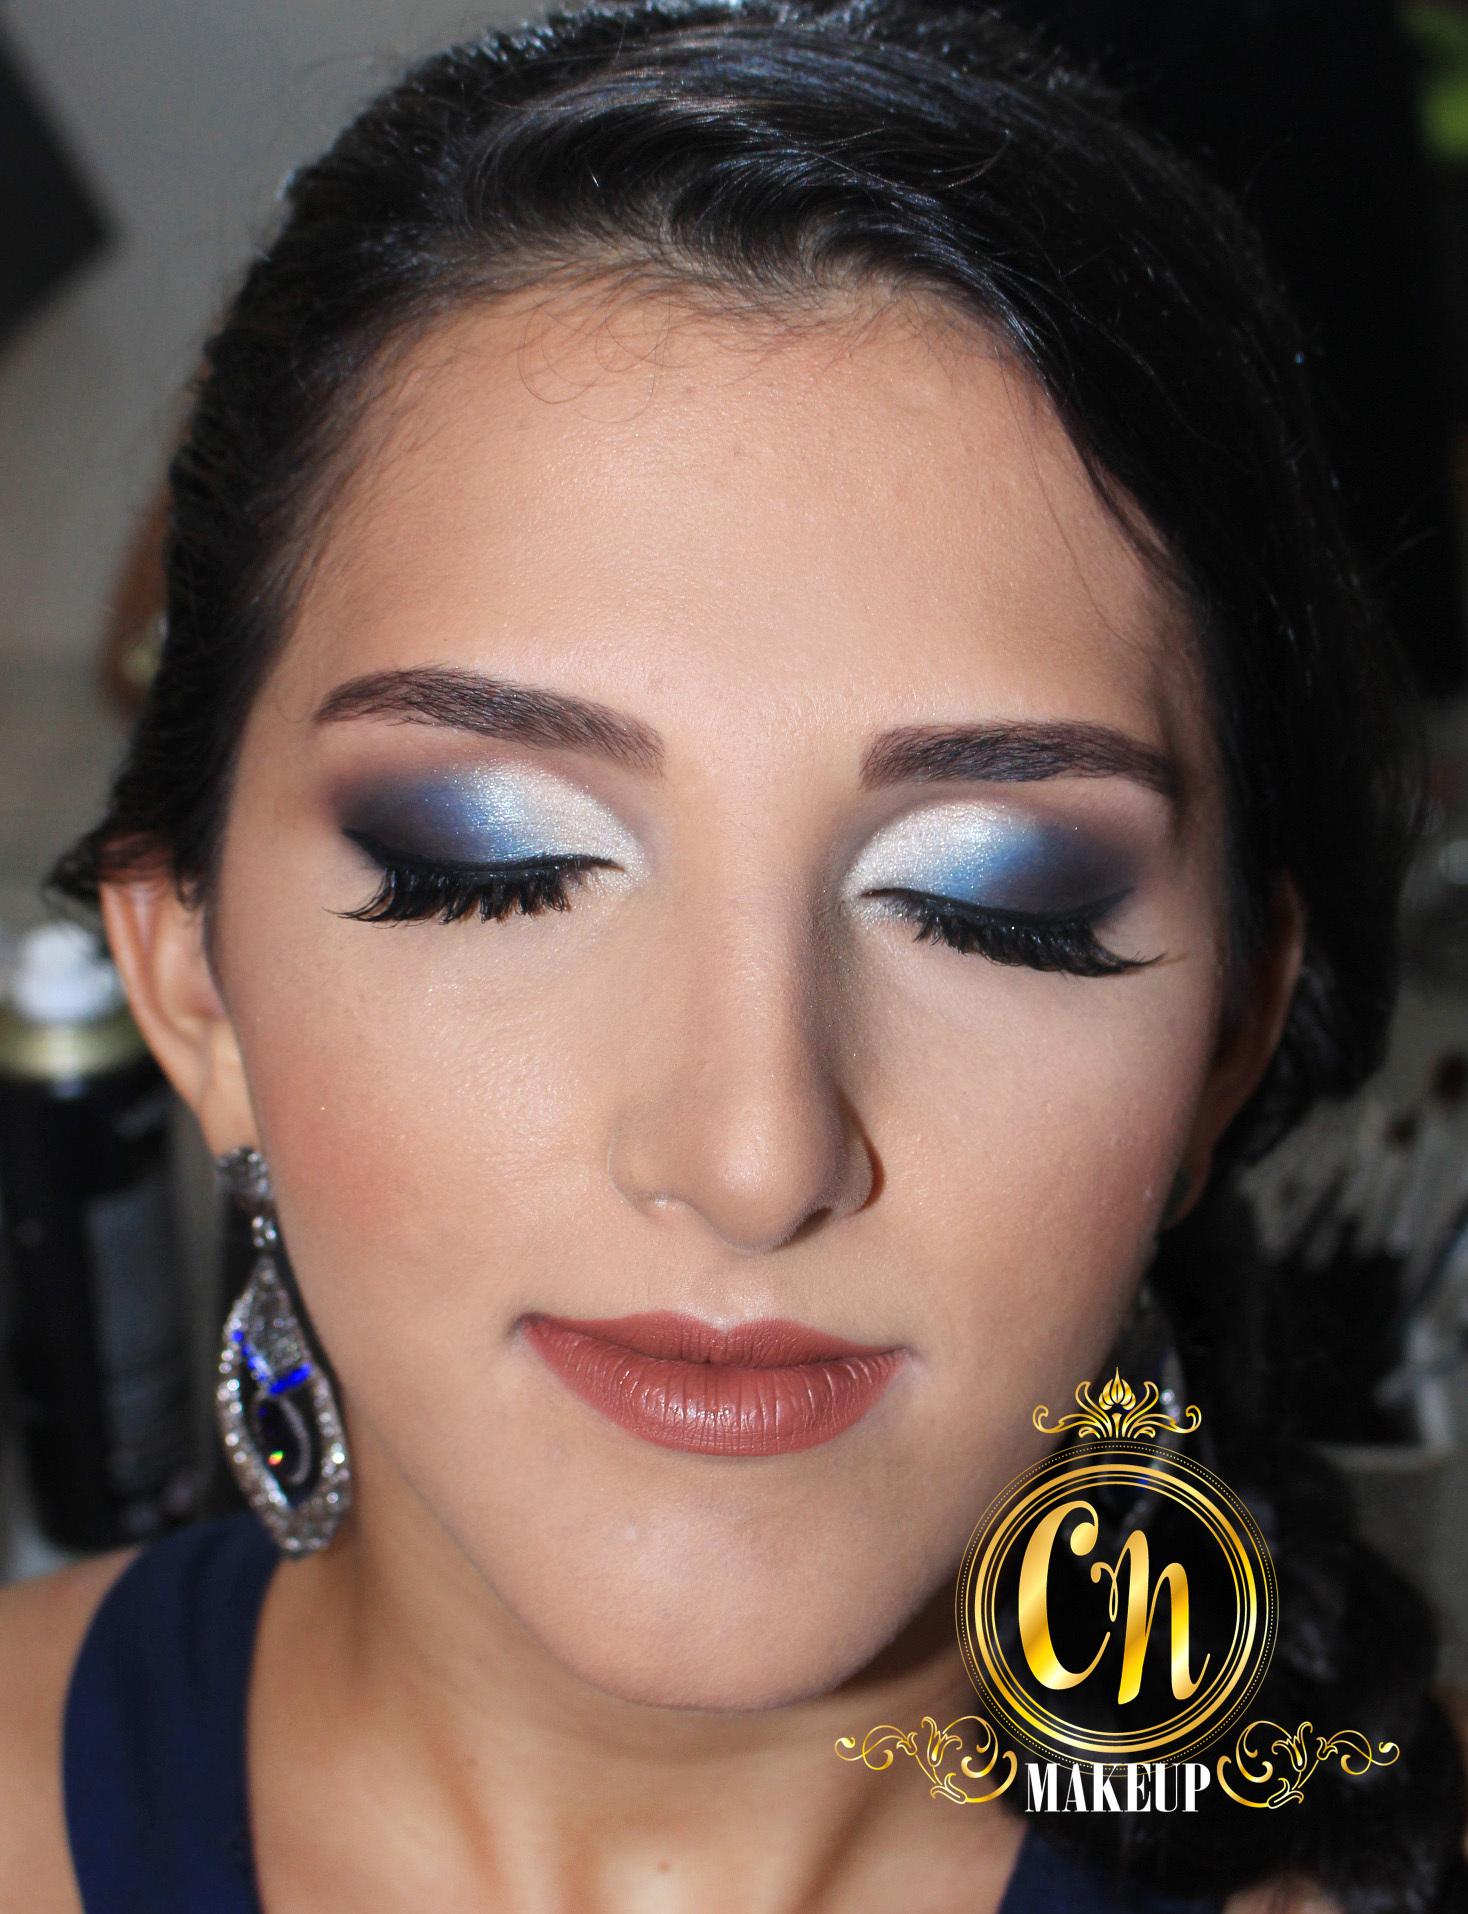 Maquiagem marcante para formatura! . #maquiagem #maquiagempro #maquiagemubatuba #maquiagens #producao #maquiadoraubatuba #portfolio #mua #makeuptransformation #beforeafter #maquiagemformatura #formanda #makeupartist maquiagem maquiador(a)